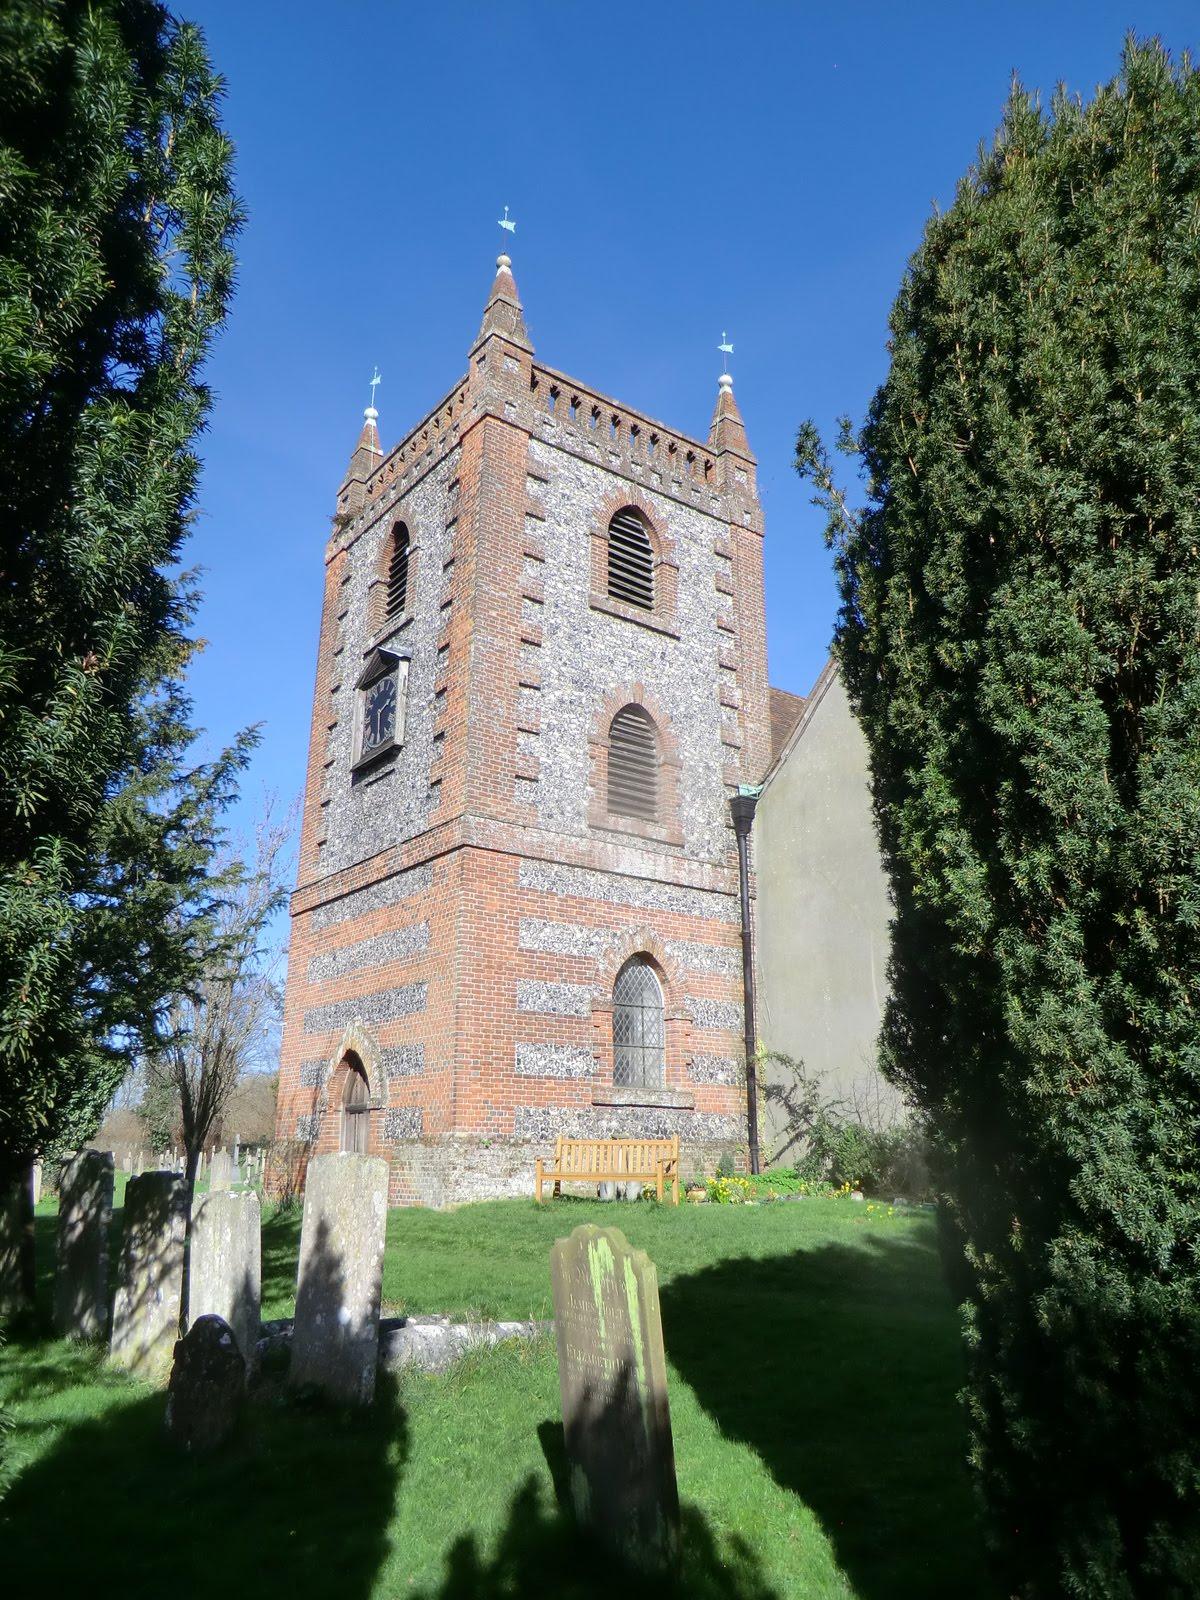 CIMG9116 Ss Peter & Paul church, Shoreham